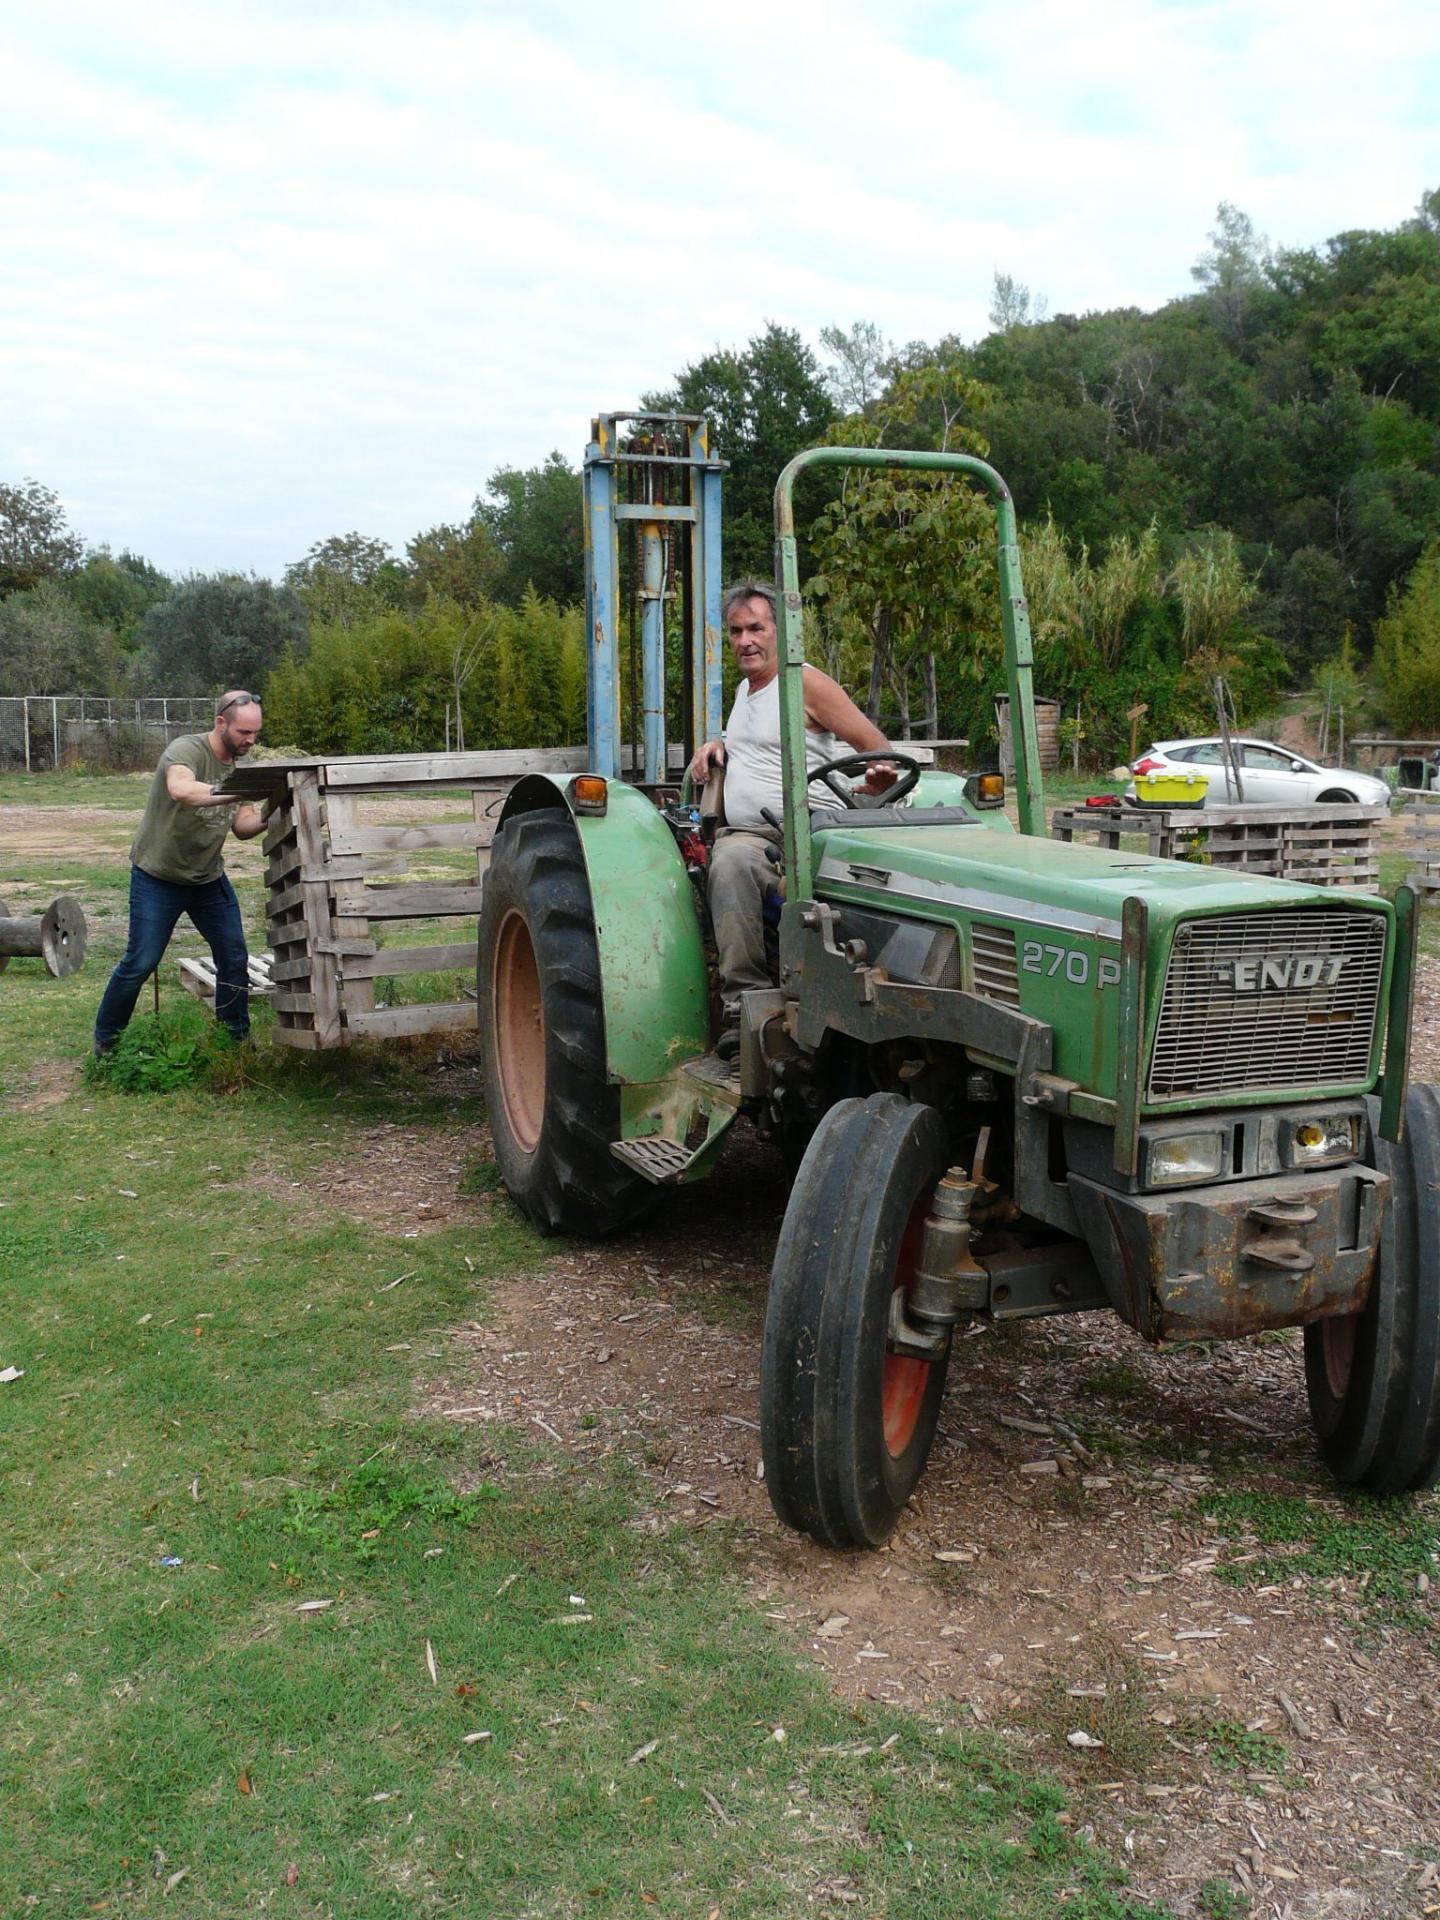 Les bénévoles mettent à disposition leurs bras et leur matériel comme ici un fidèle du marché, Alain Sauvan, agriculteur pierrefeucain venu avec son tracteur.